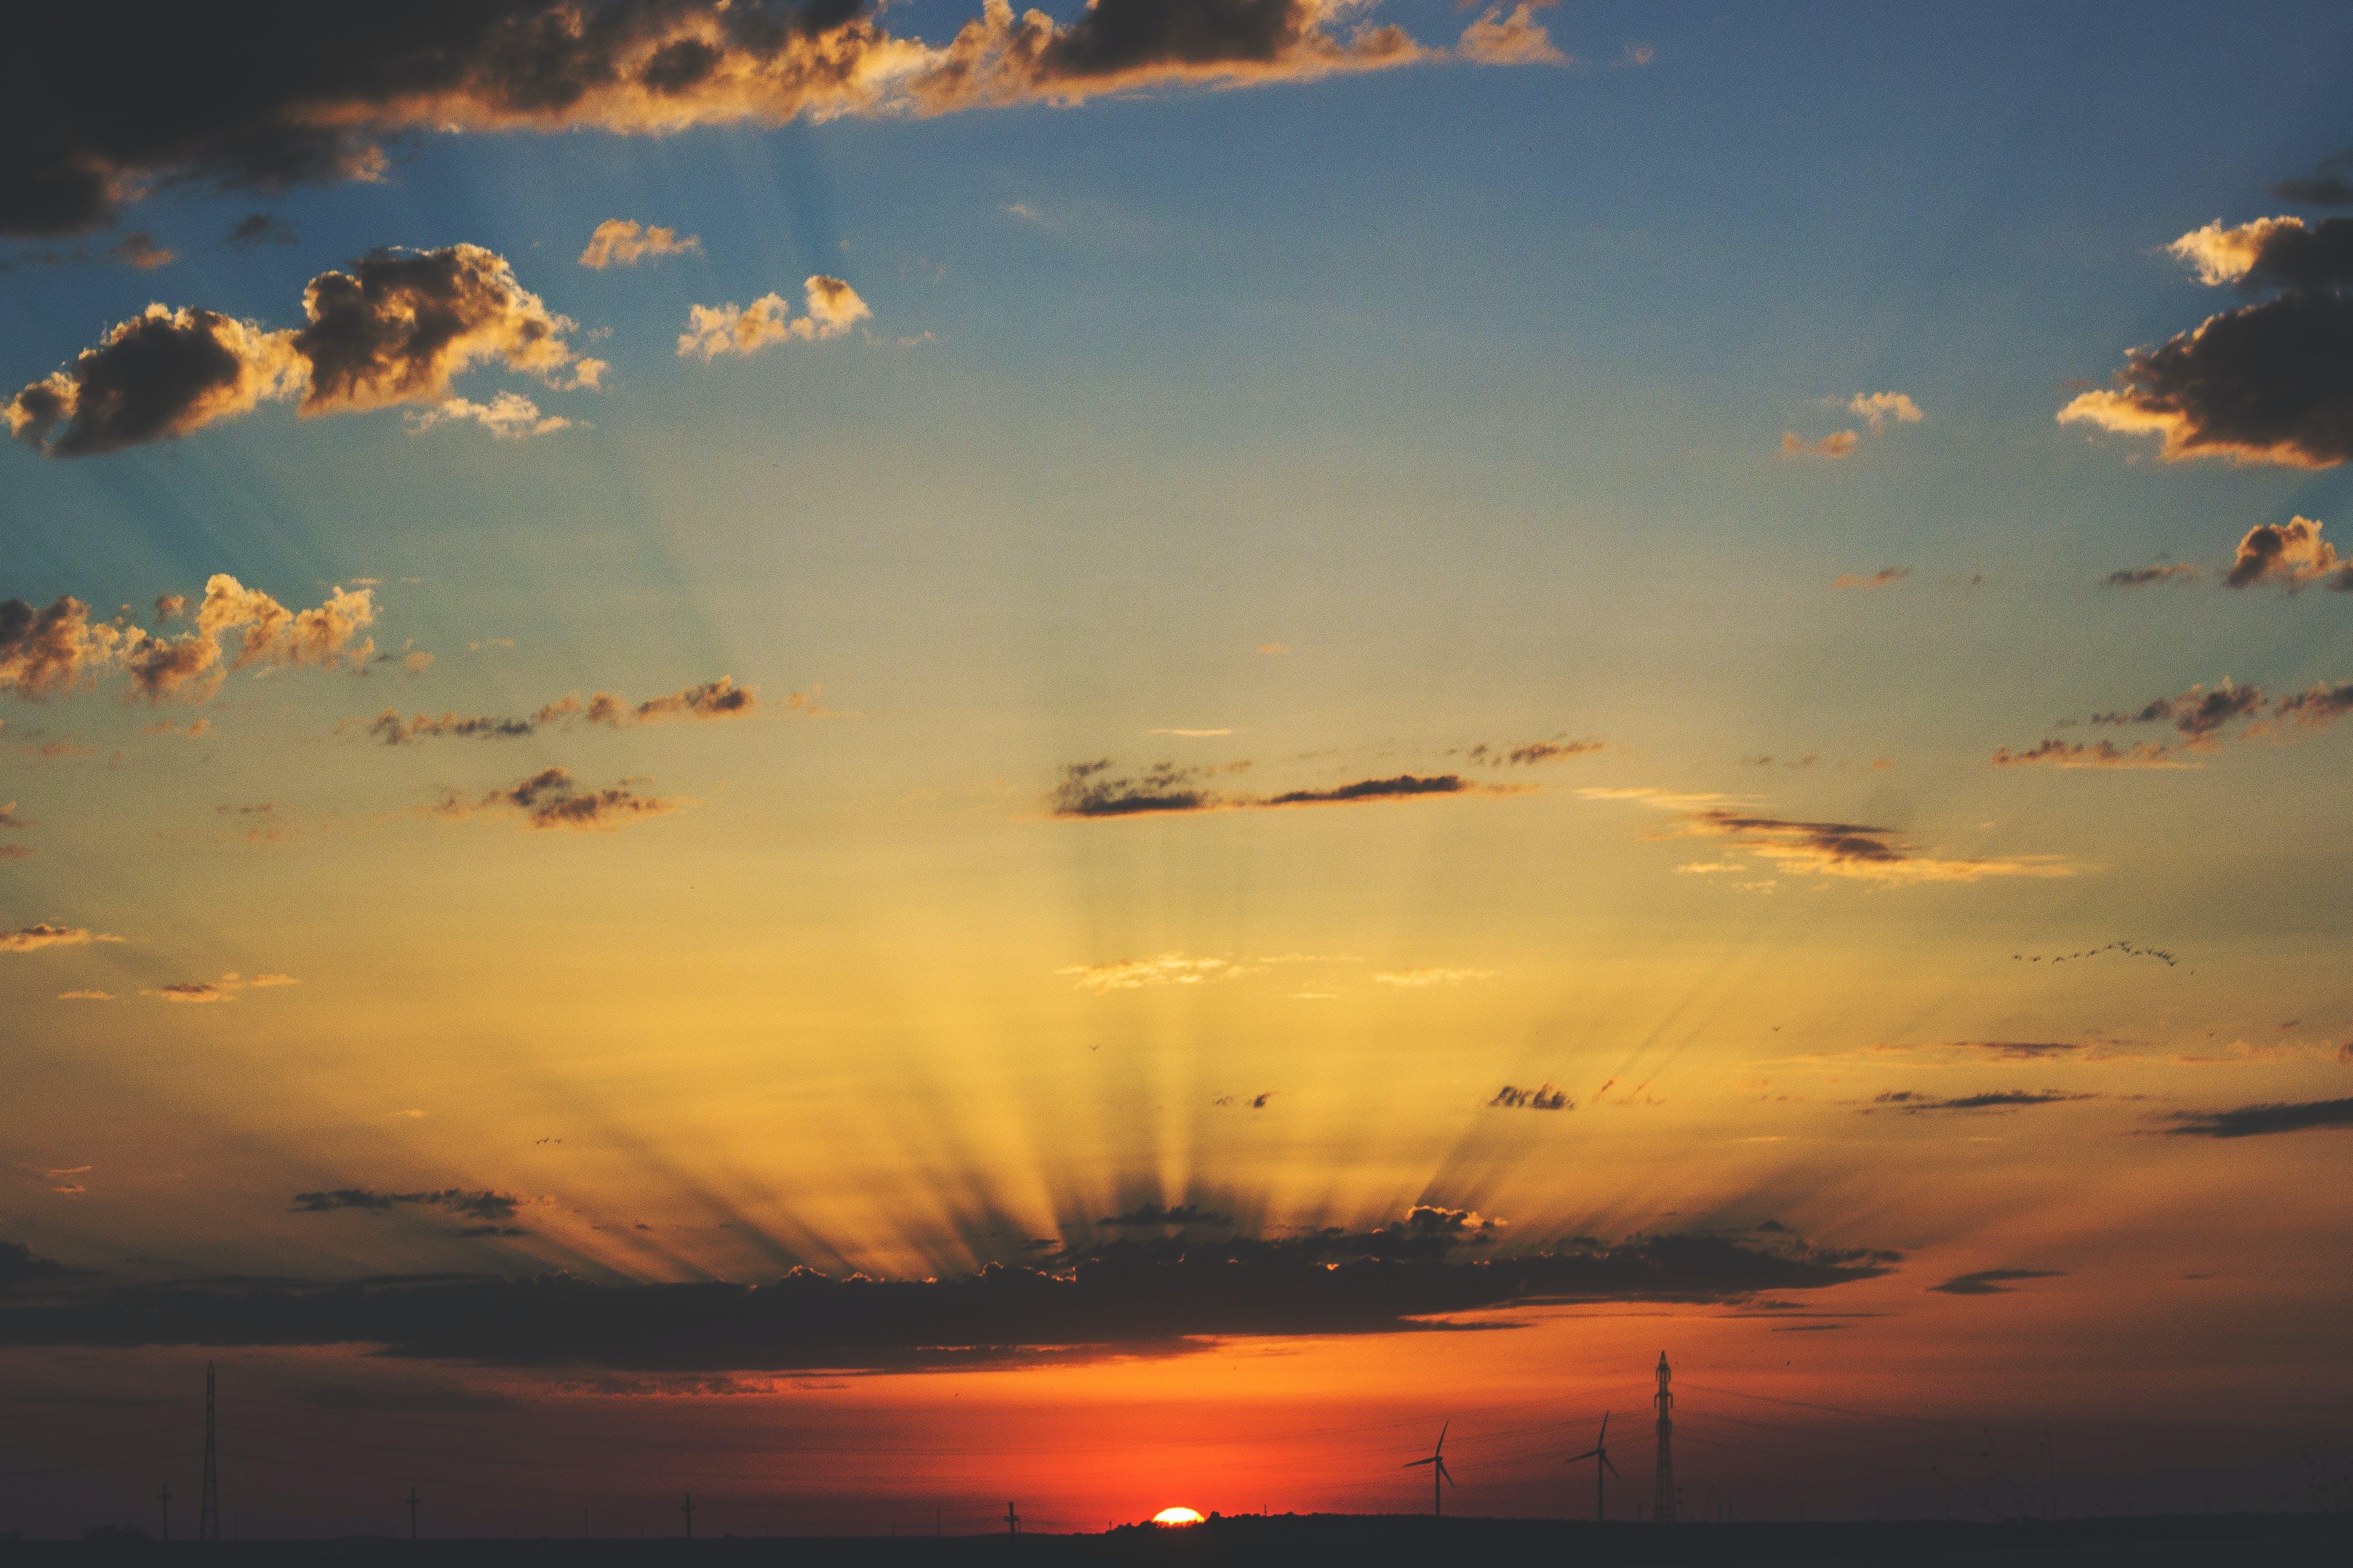 dämmerung, himmel, sonnenlicht